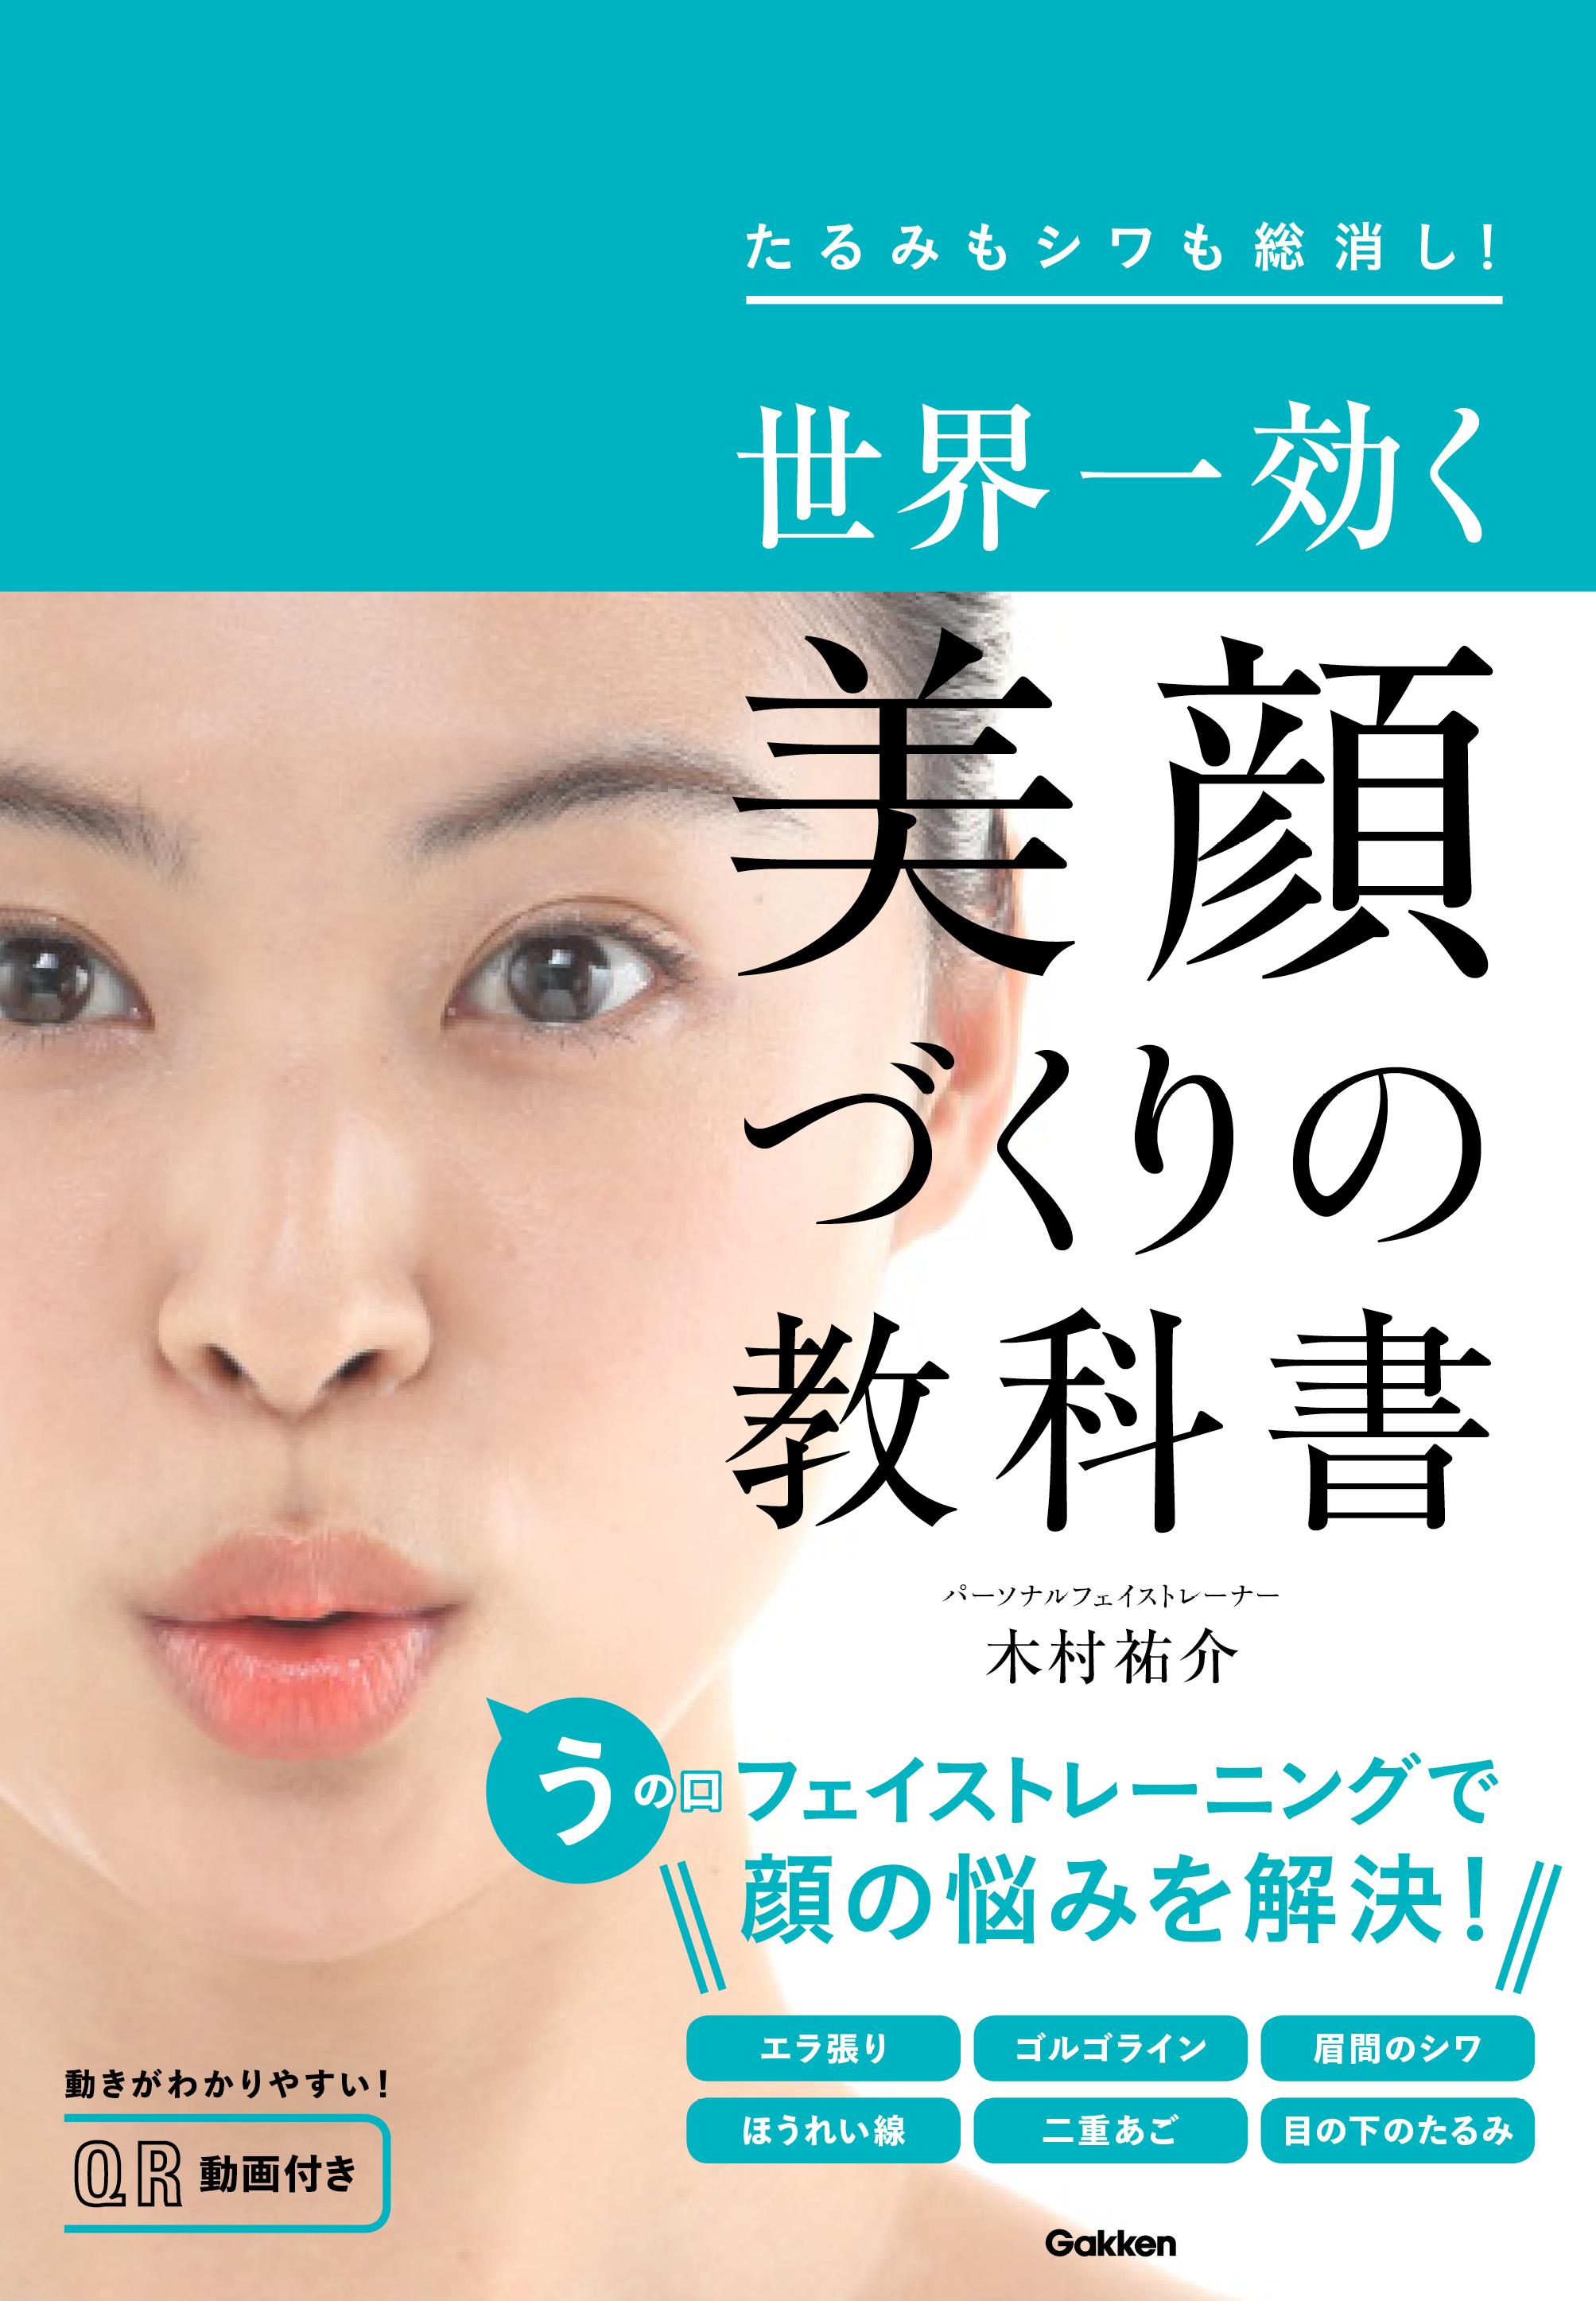 『たるみもシワも総消し! 世界一効く 美顔づくりの教科書』書影